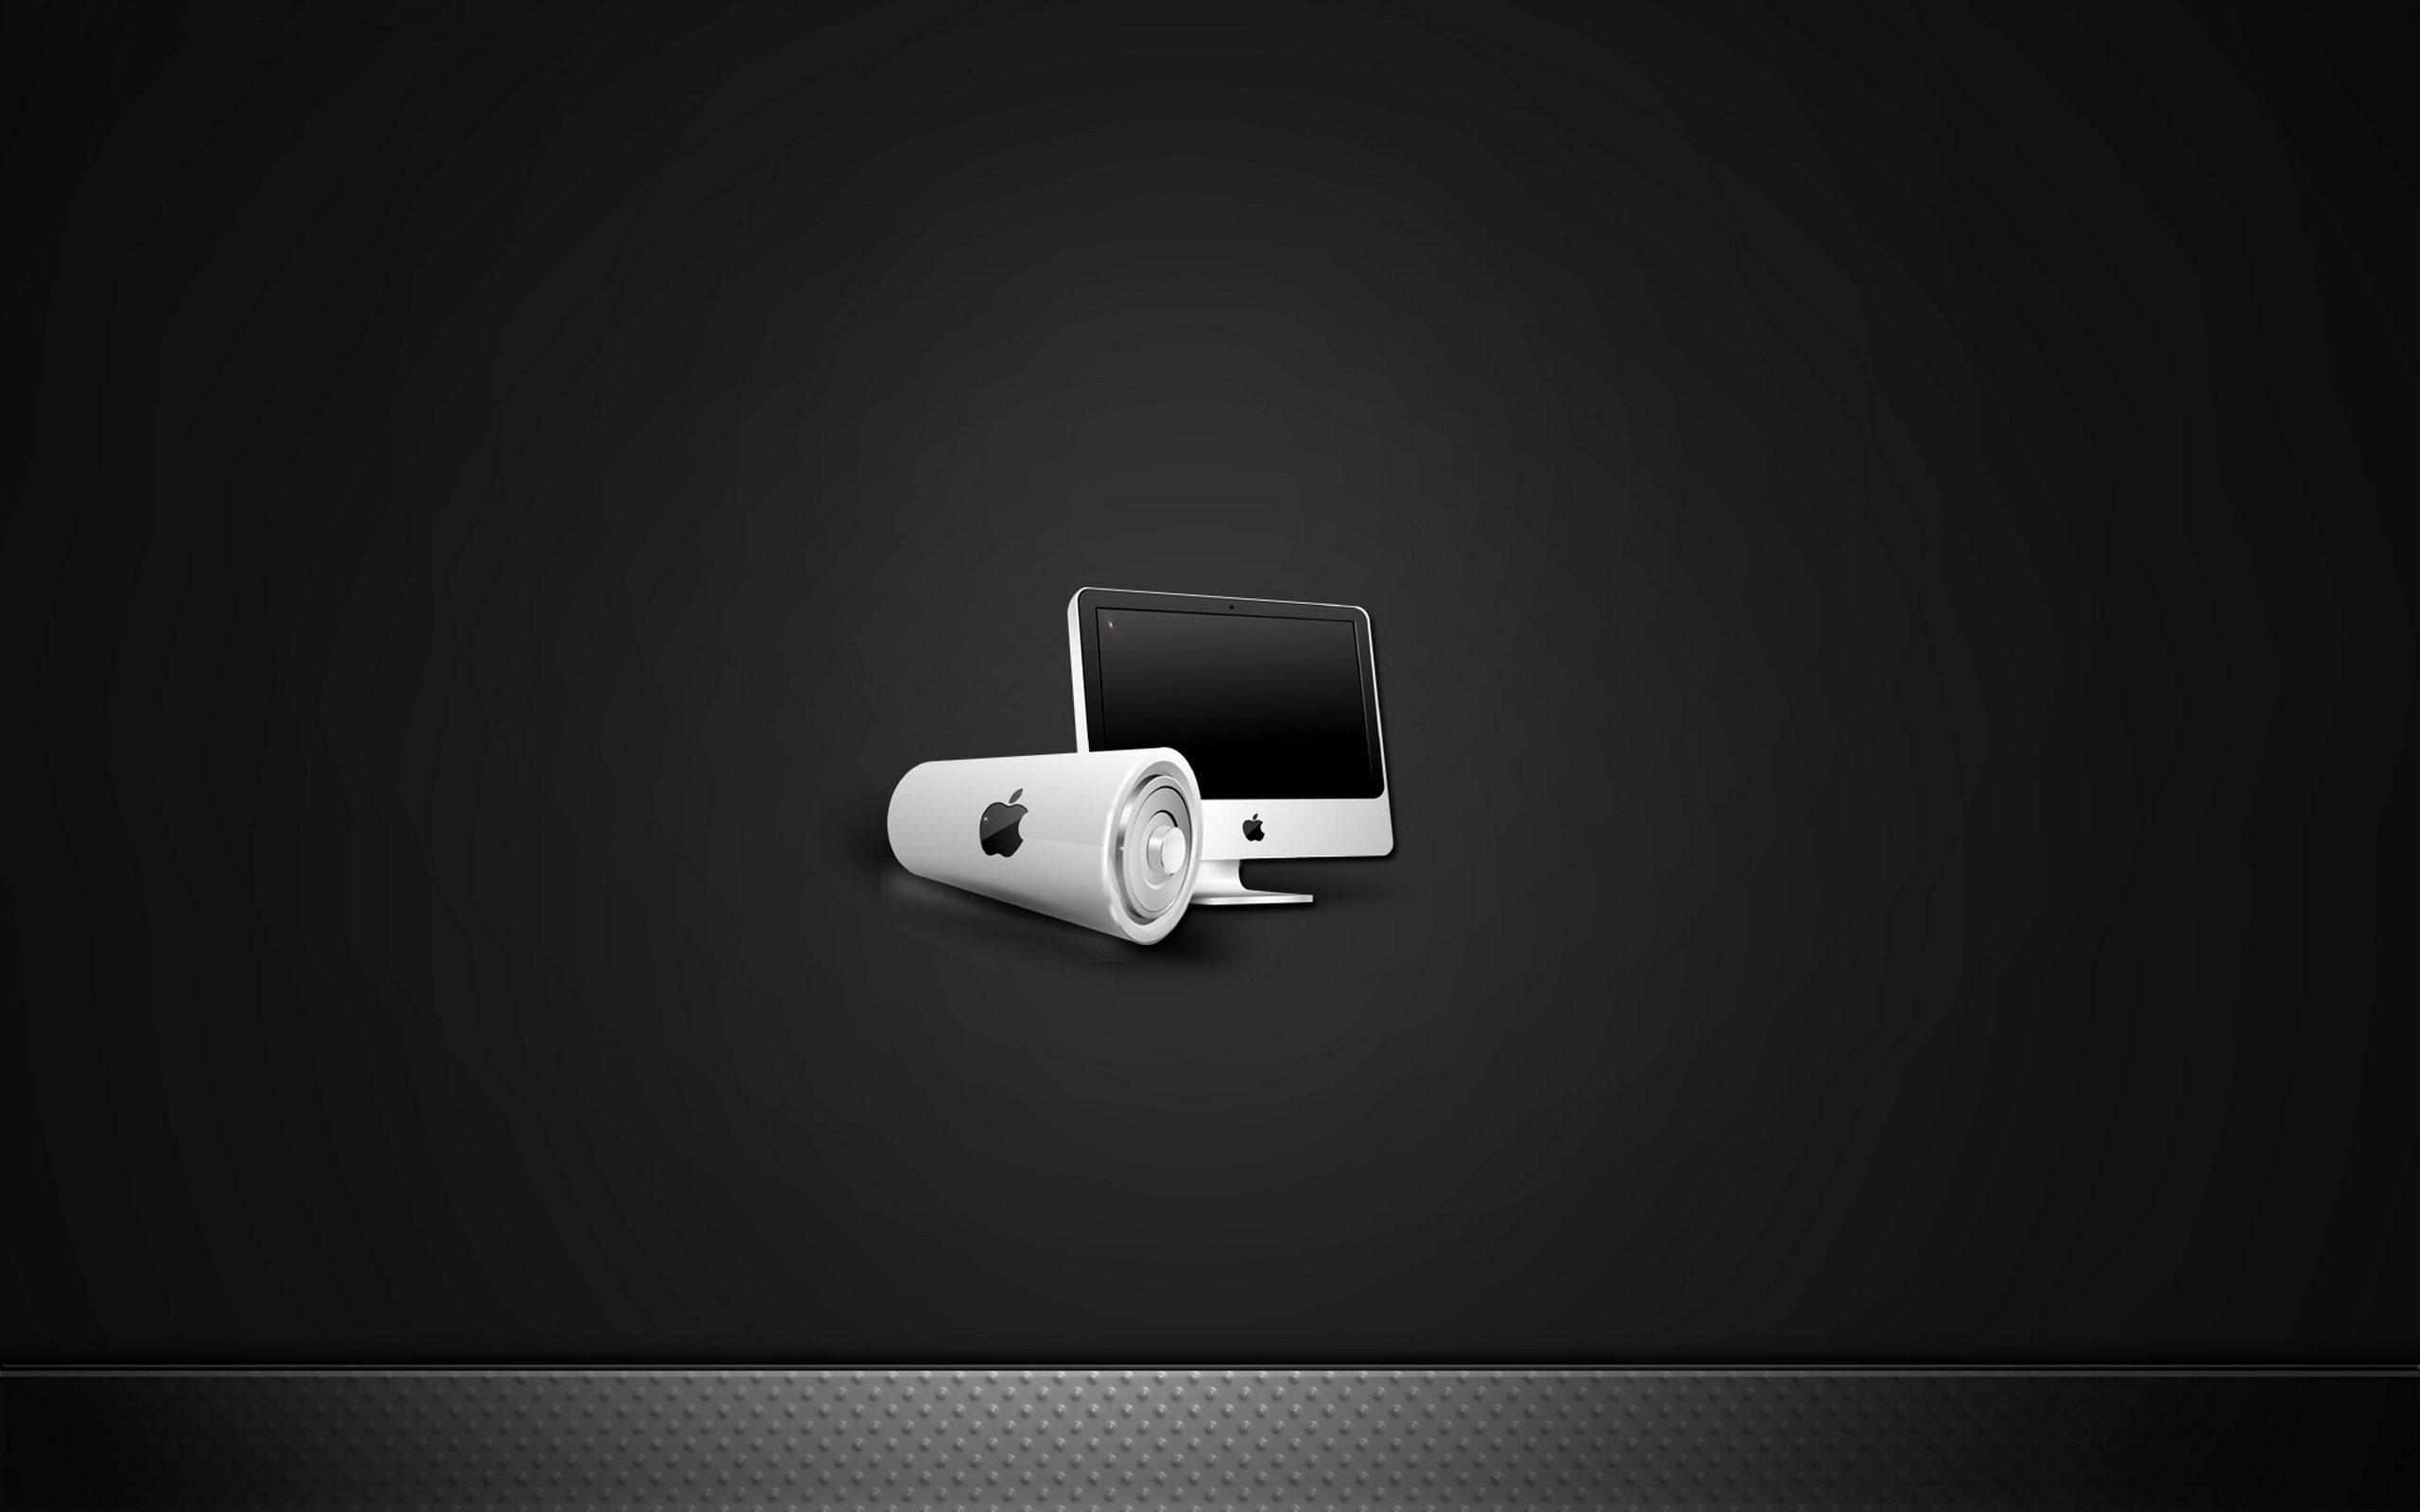 77 Best Mac Desktop Backgrounds On Wallpapersafari